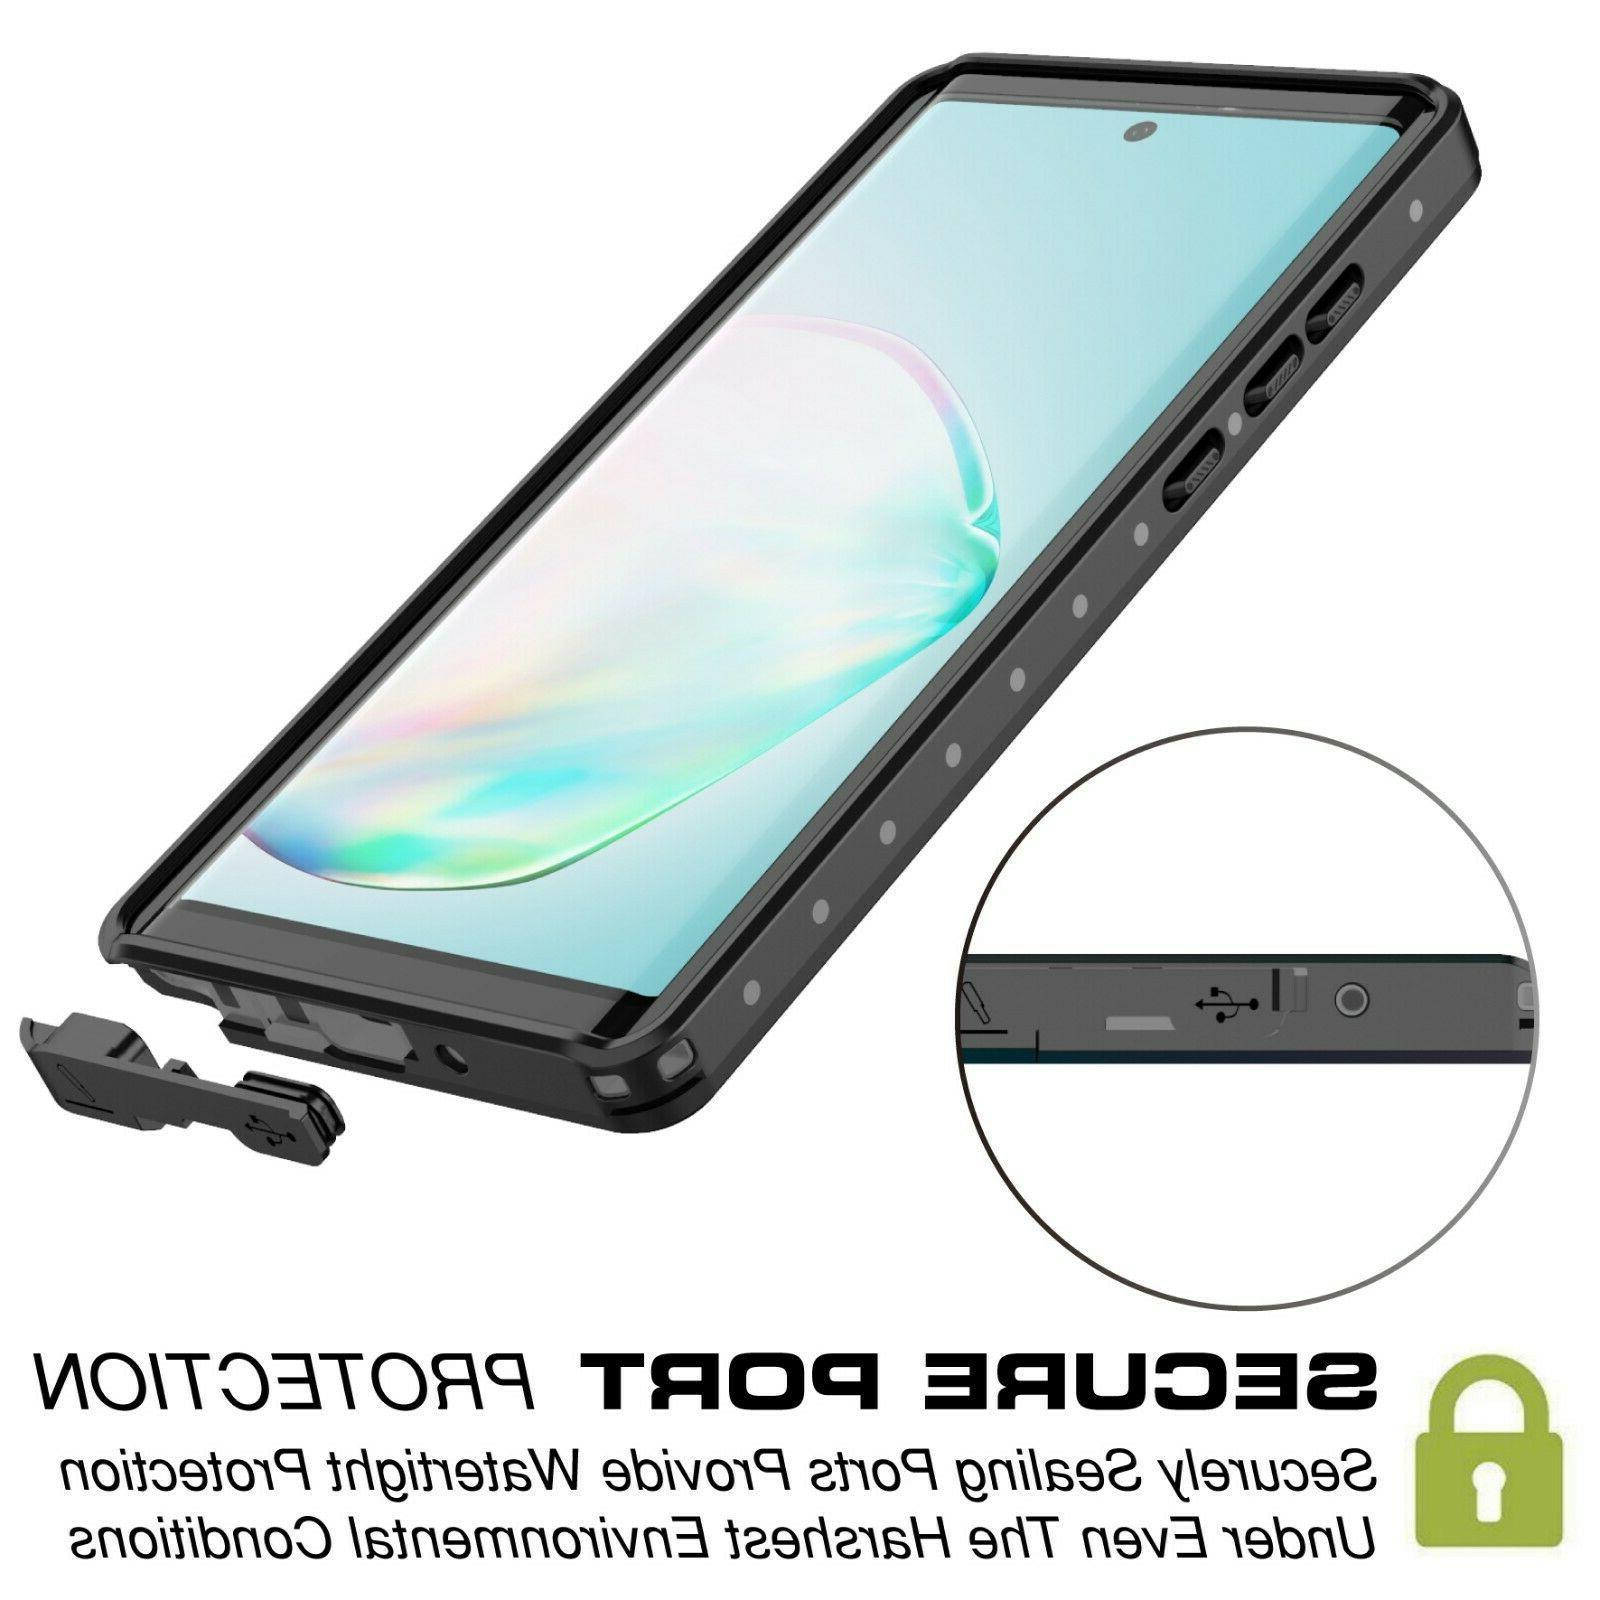 Samsung / 10+ Plus Waterproof Shockproof Heavy Cover